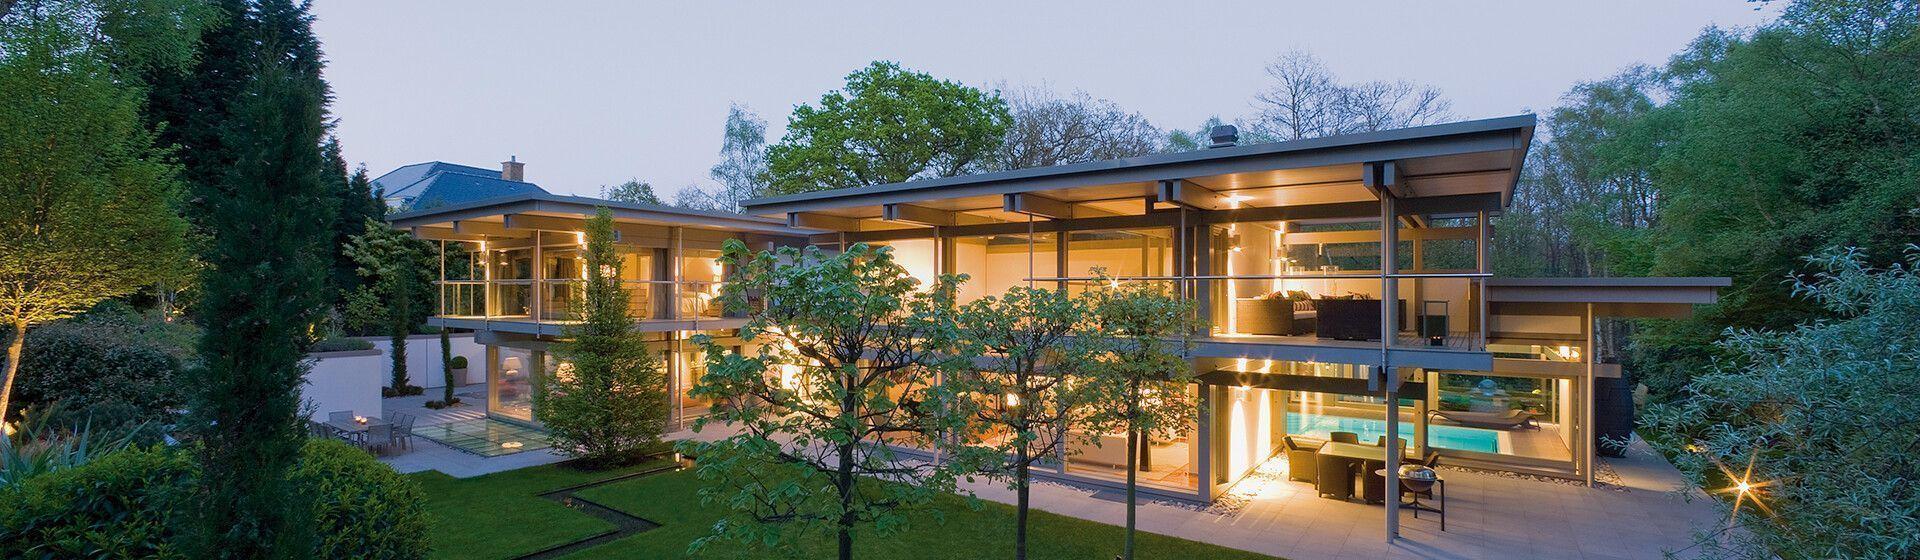 ▷ Kubushaus aus Holz & Glas bauen: stilvoll & zeitlos